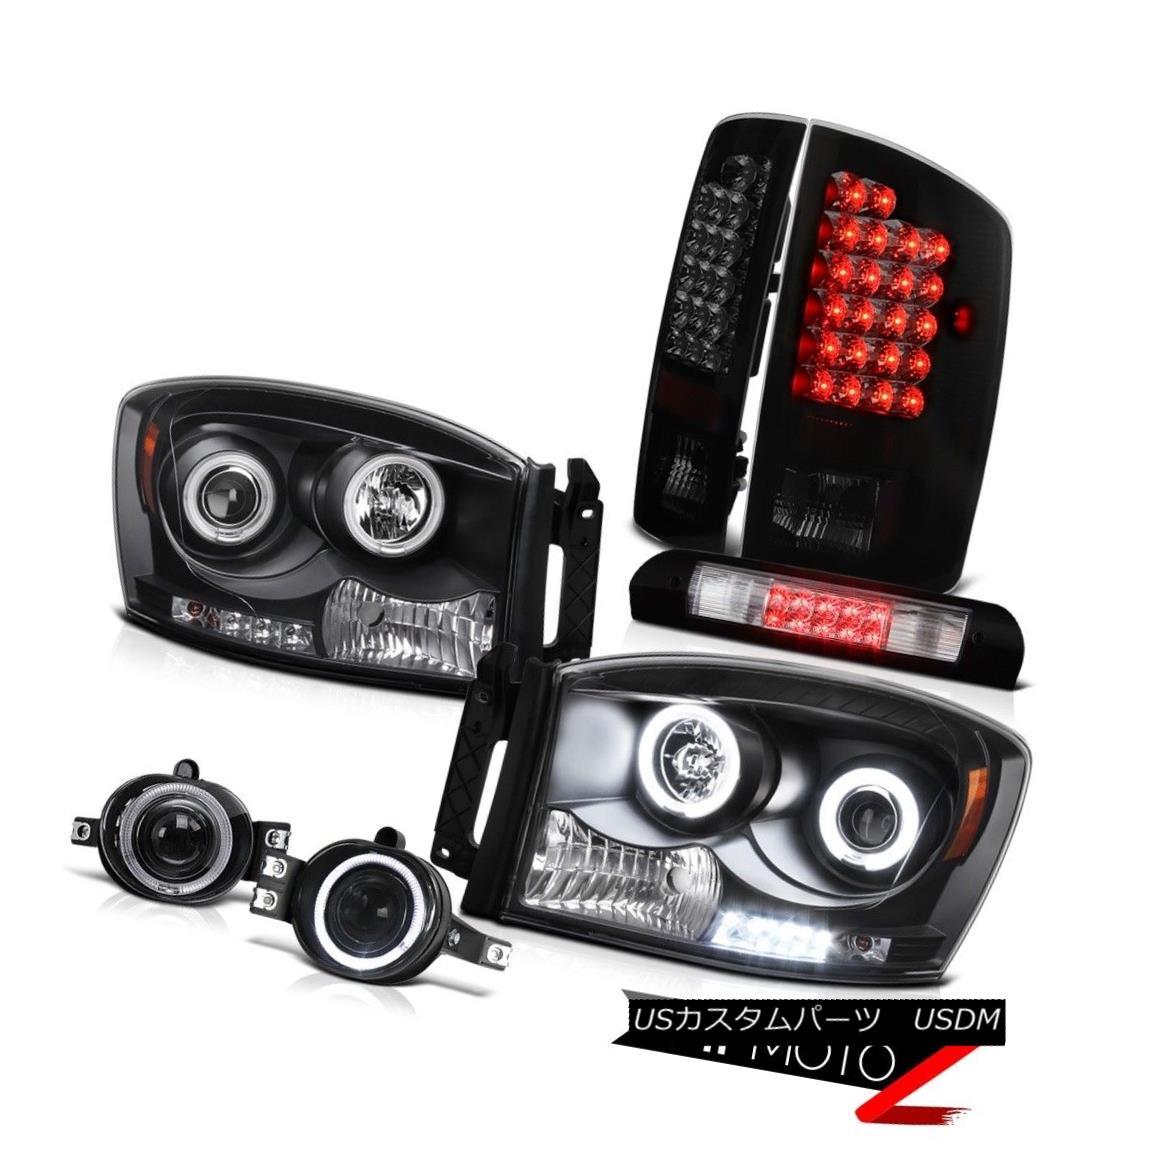 ヘッドライト 07 08 Ram ST [BRIGHTEST] CCFL Angel Eye Headlight LED Tail Light Fog Third Brake 07 08 Ram ST [BRIGHTEST] CCFLエンジェルアイヘッドライトLEDテールライトフォグ第3ブレーキ